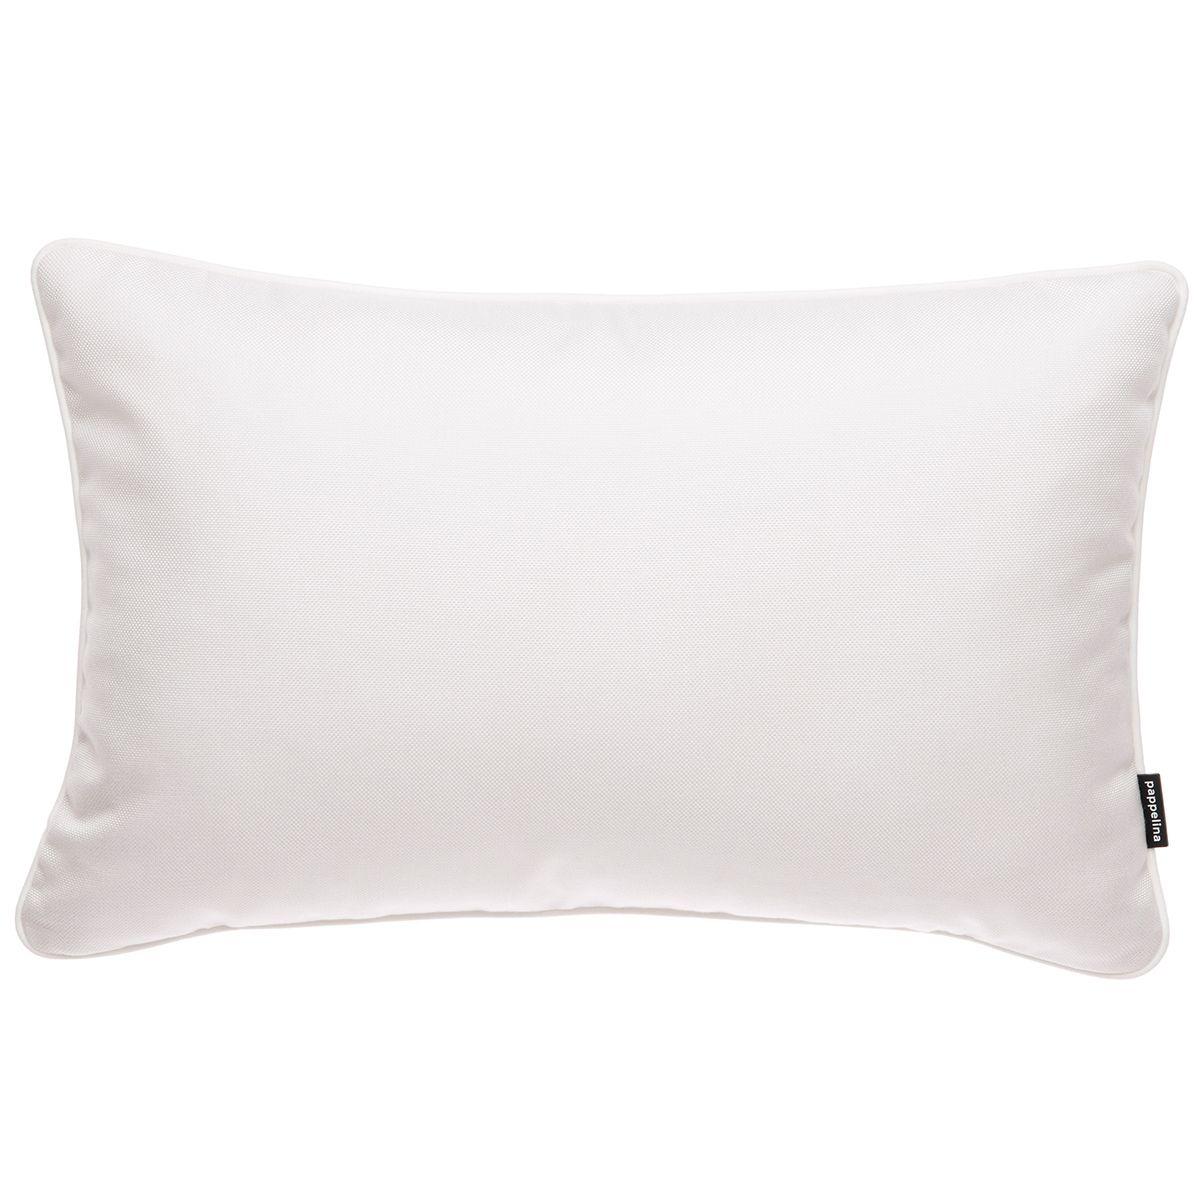 Sunny Outdoor Cushion 38 X 58 Cm White C A S U A L L I V I N G